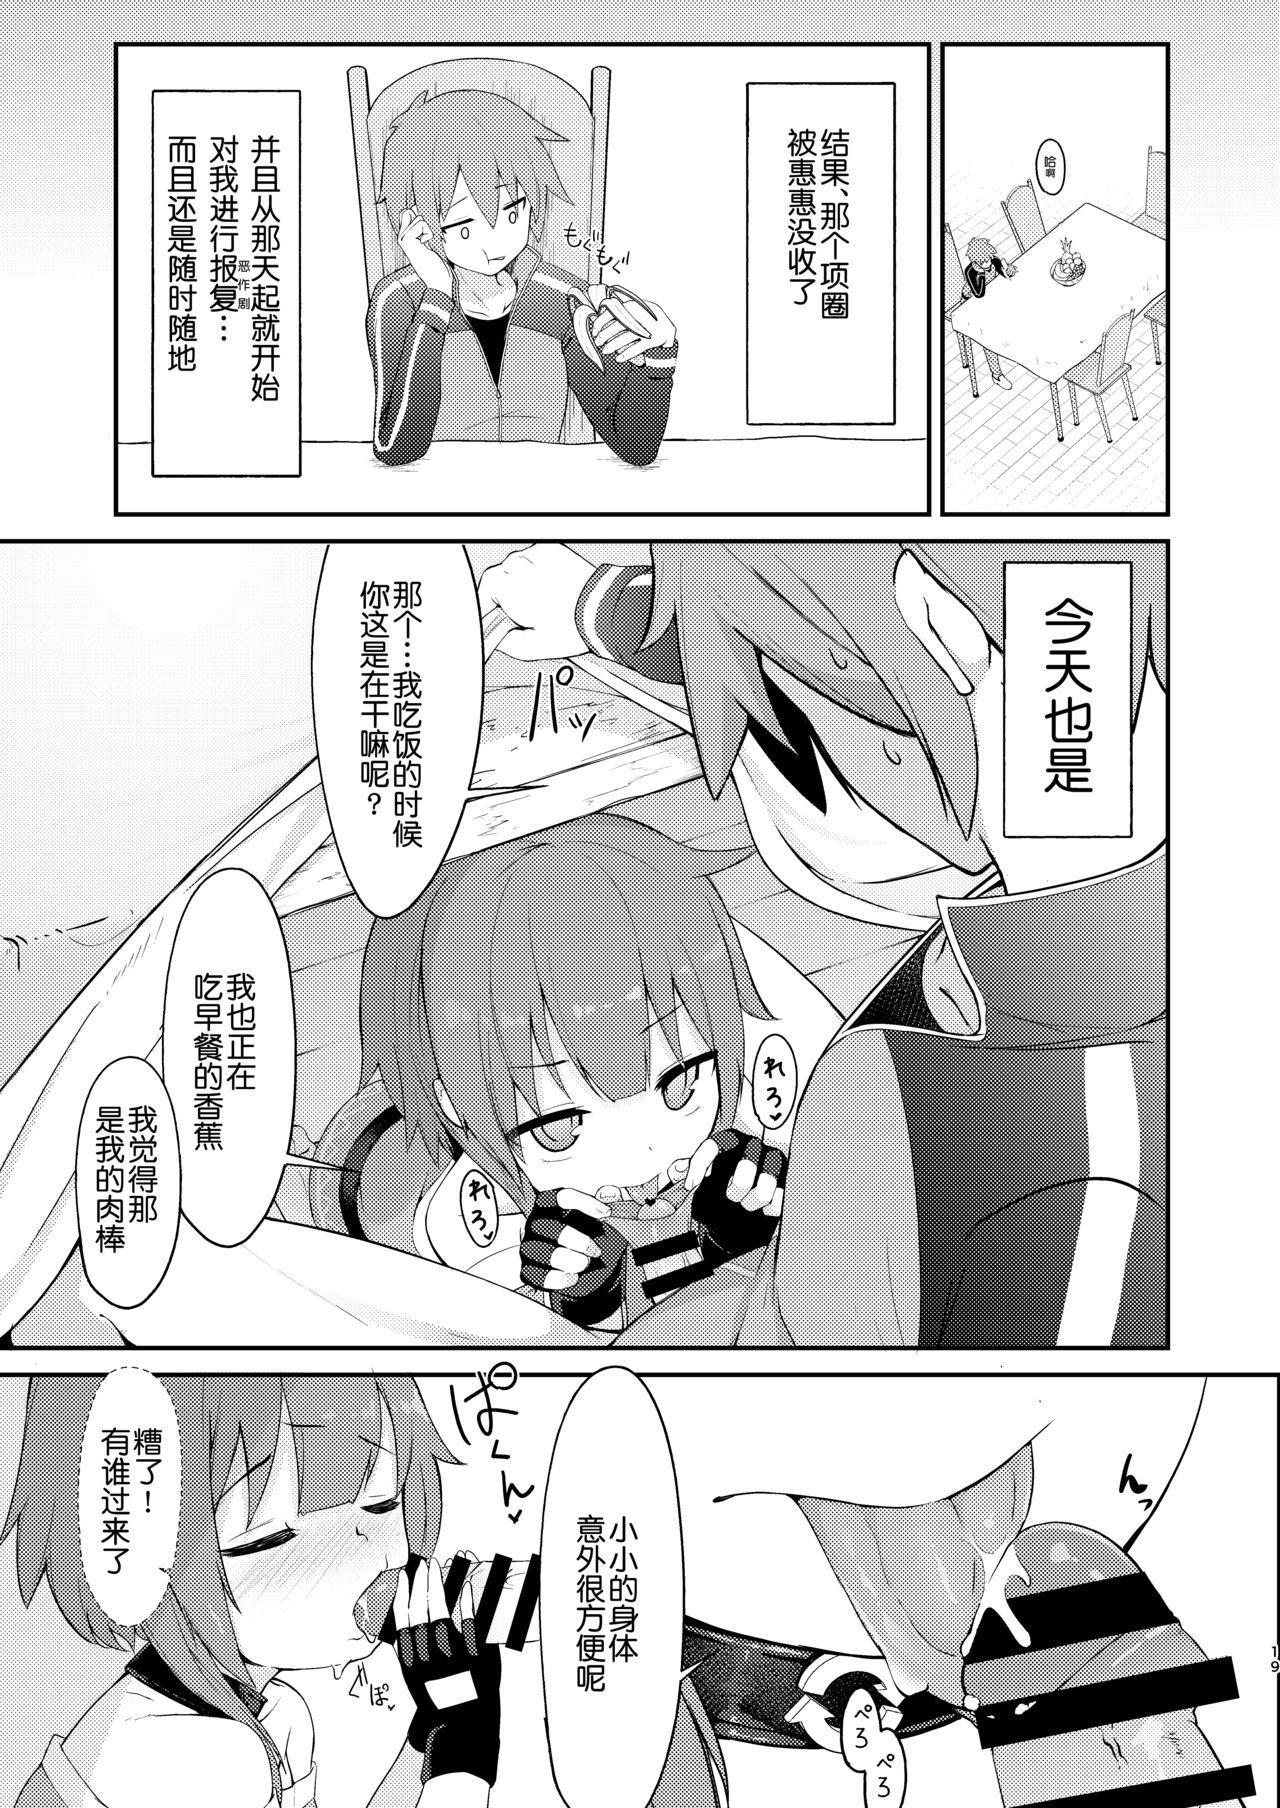 Lolikko Megumin o Kouryaku Seyo! 18